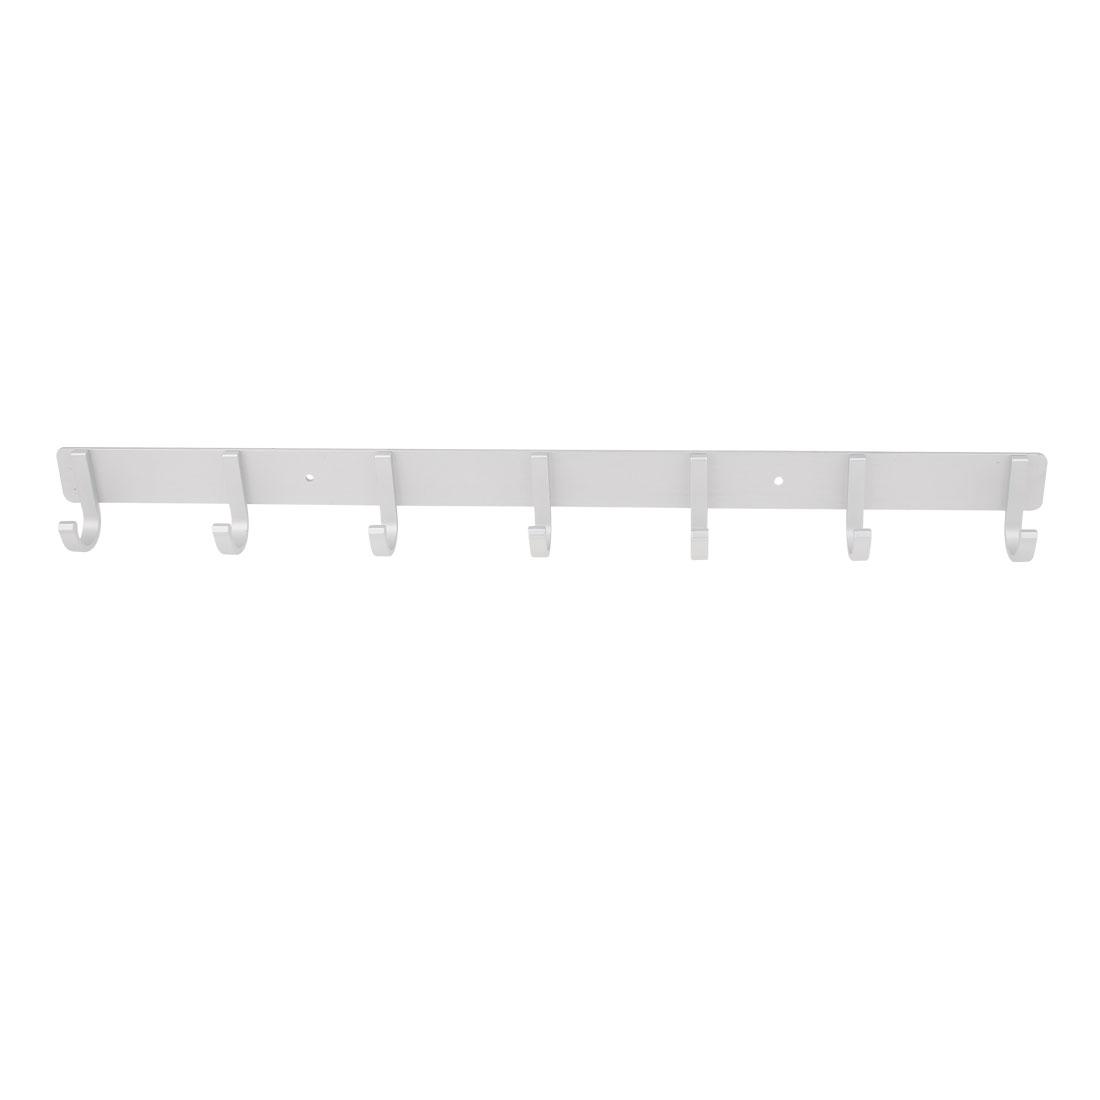 Bathroom Aluminium 7 Hooks Towel Coat Clothes Wall Hanger Rack Silver Tone